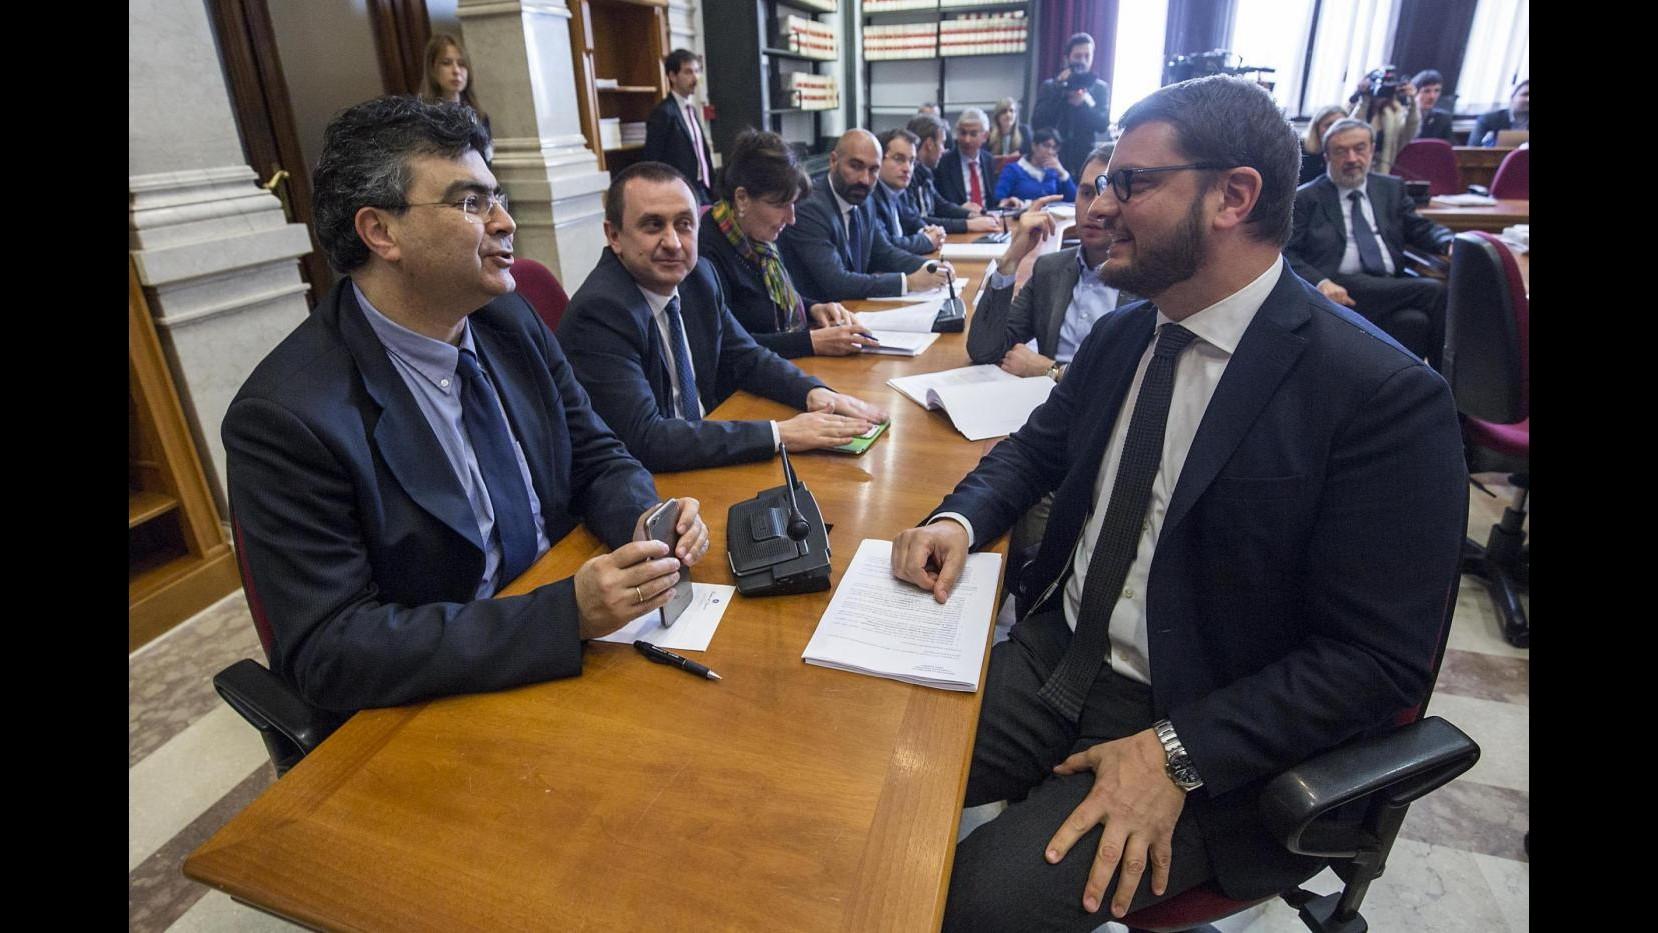 L.elettorale, Scelta civica pronta ad abbandonare lavori commissione